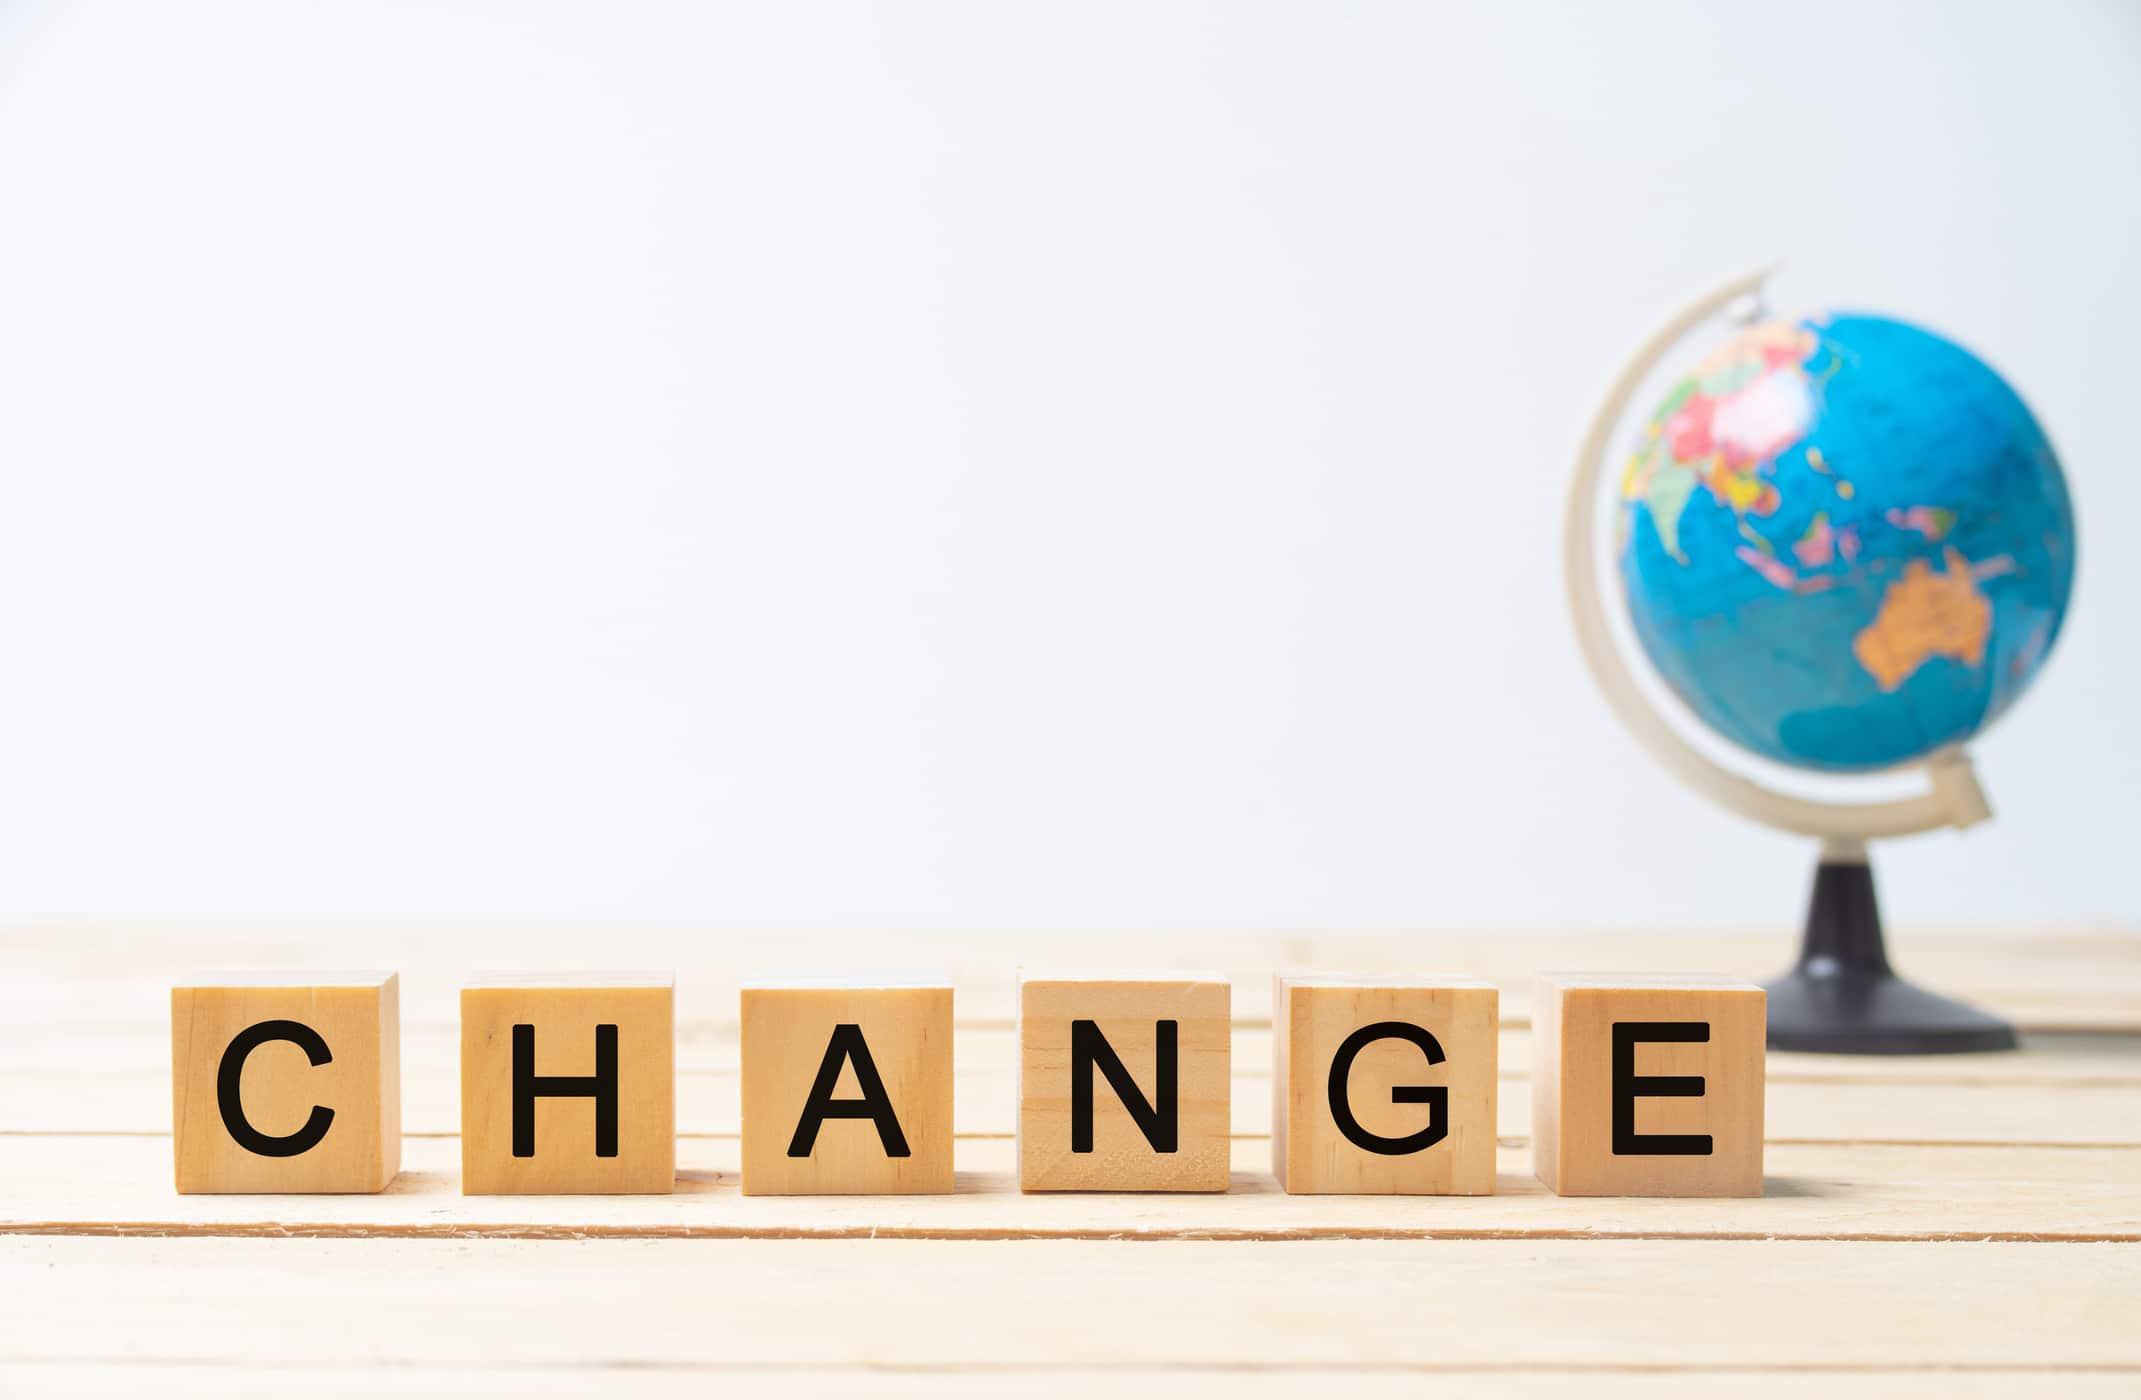 comment-changer-le-monde-en-10-preceptes